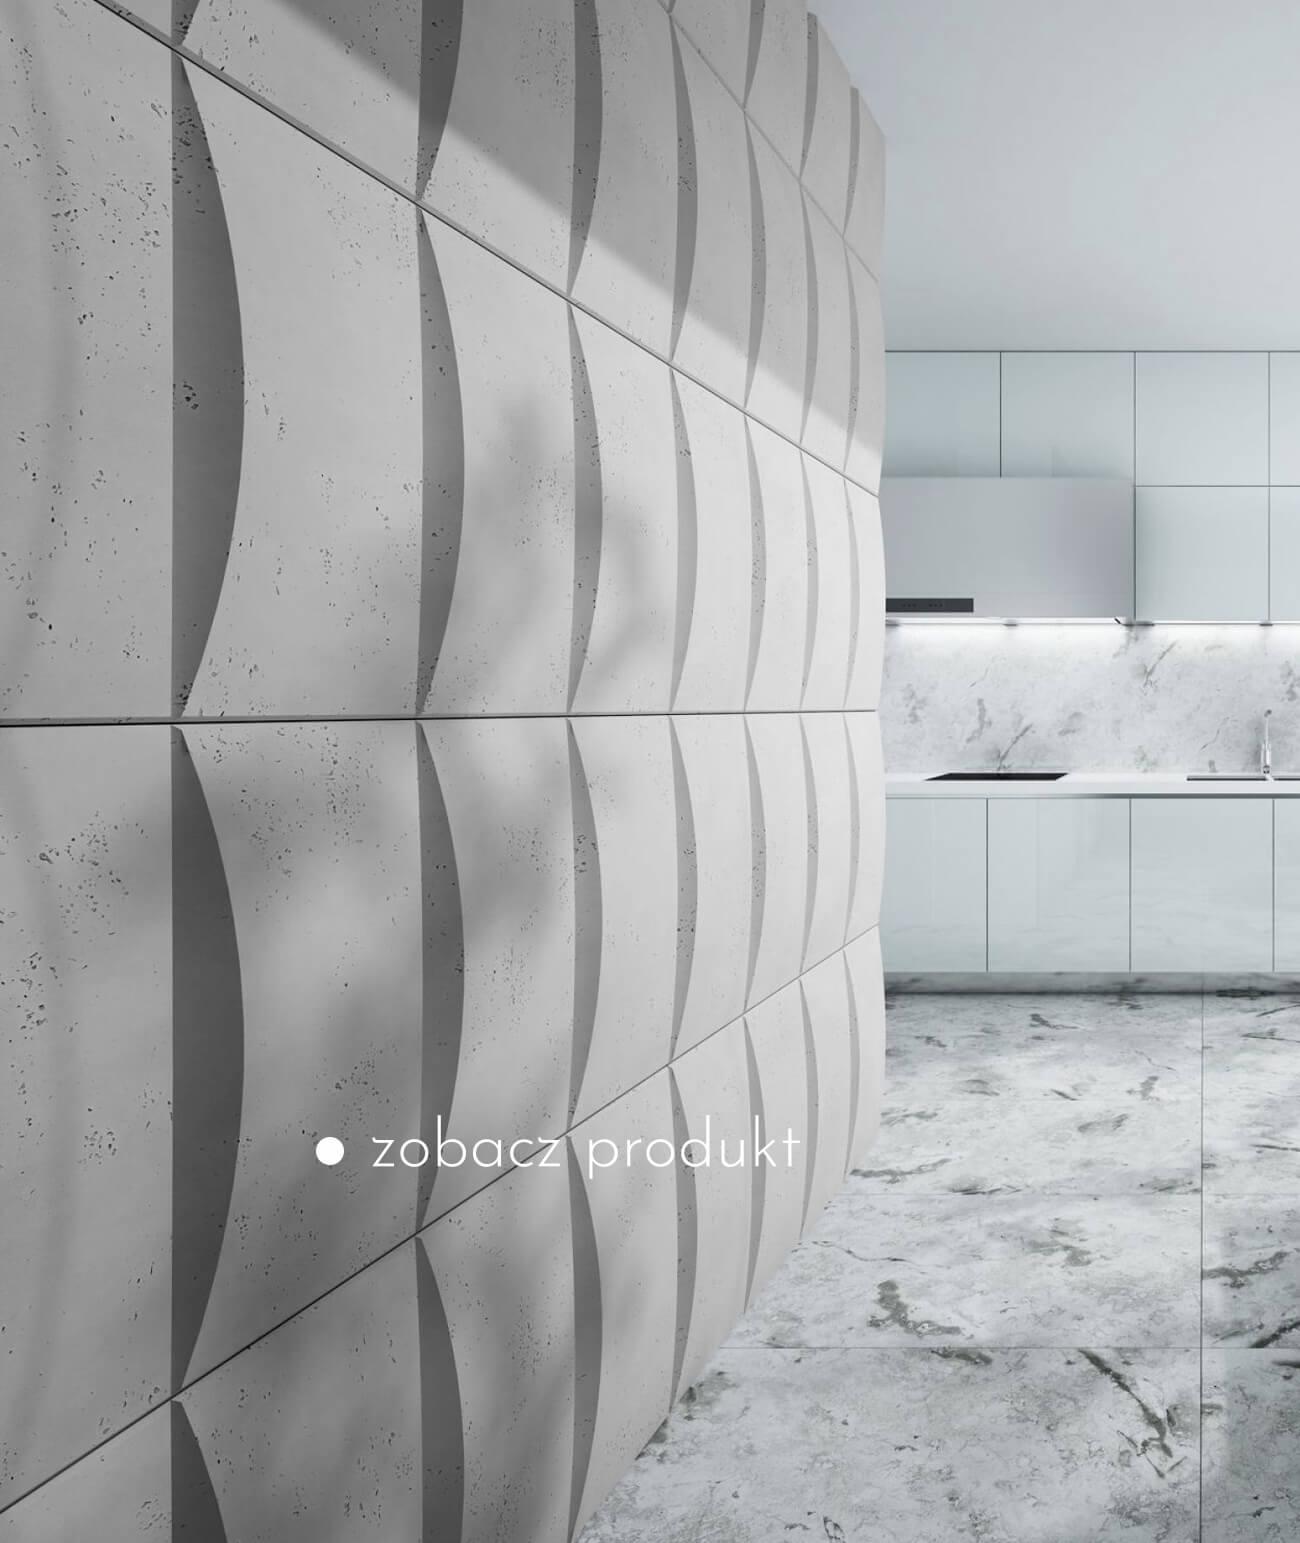 panele-betonowe-3d-scienne-i-elewacyjne-beton-architektoniczny_807-19405-pb20-s95-jasno-szary-mysi-blok---panel-dekor-3d-beton-architektoniczny-panel-scienny